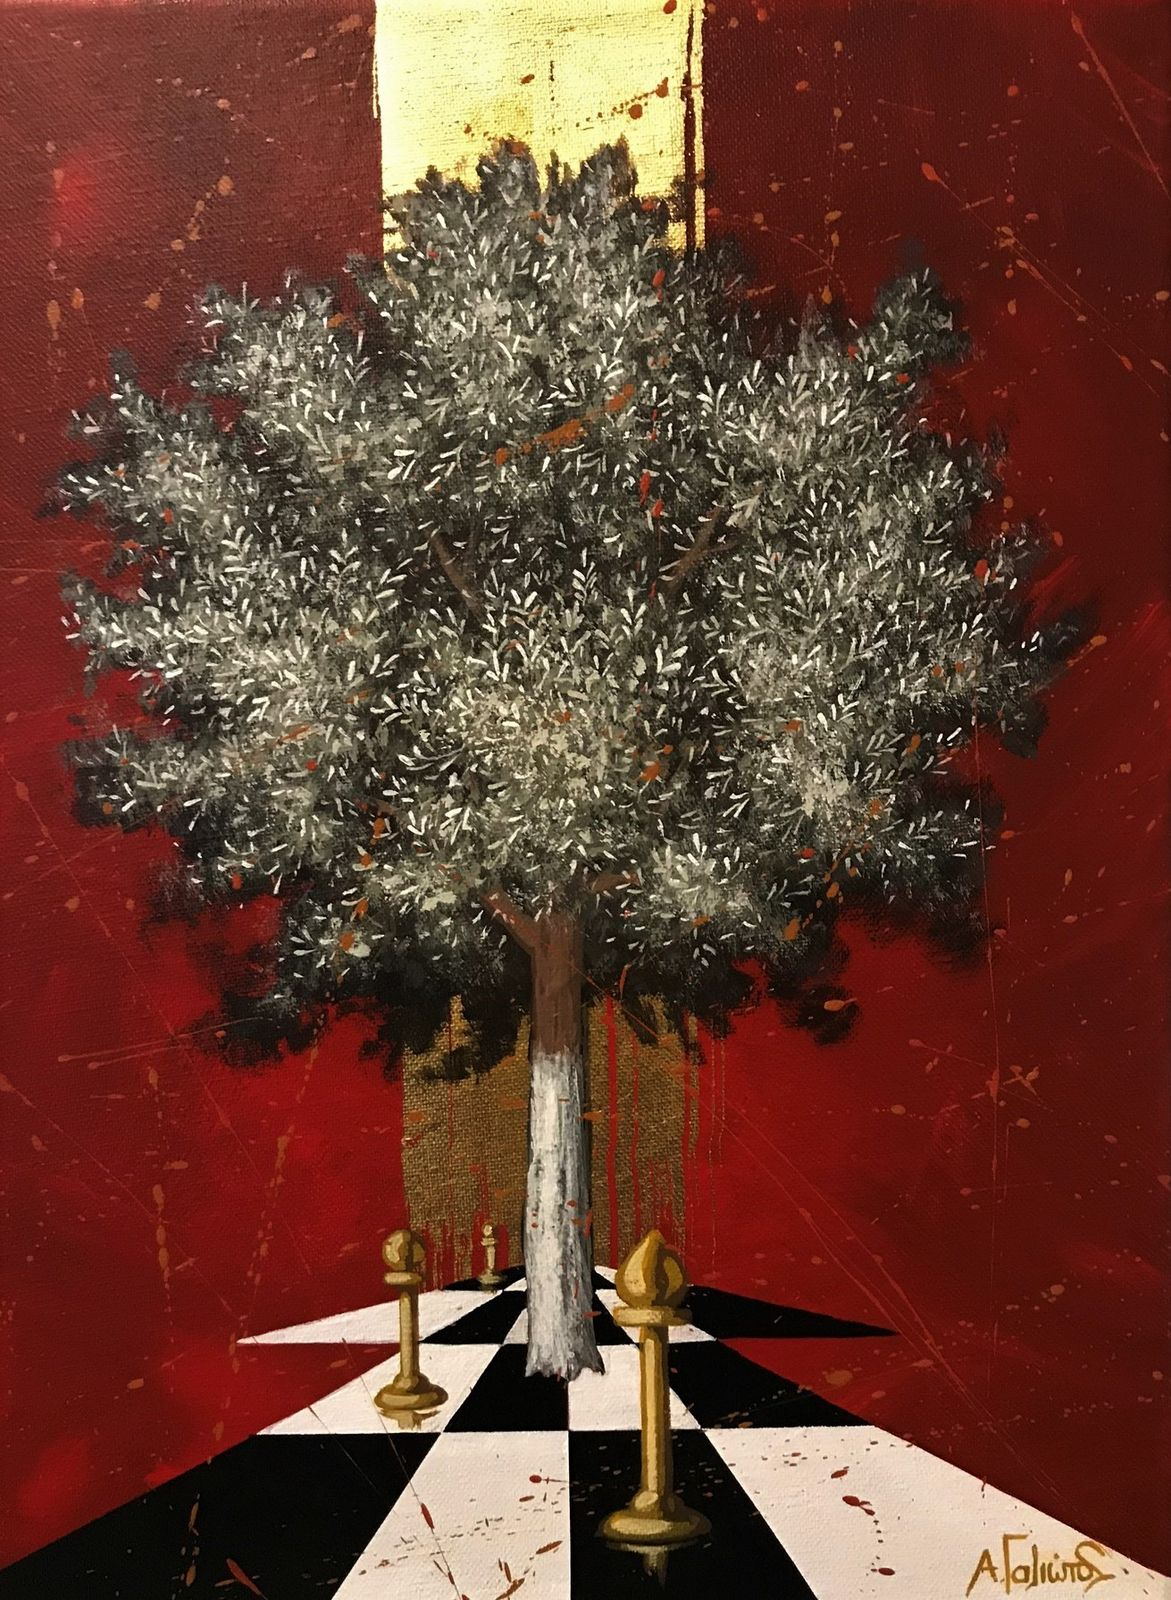 Ανδρέας Γαλιώτος 30×40 εκ. ακρυλικά σε καμβά Andreas Galiotos 30×40 cm Acrylics on canvas